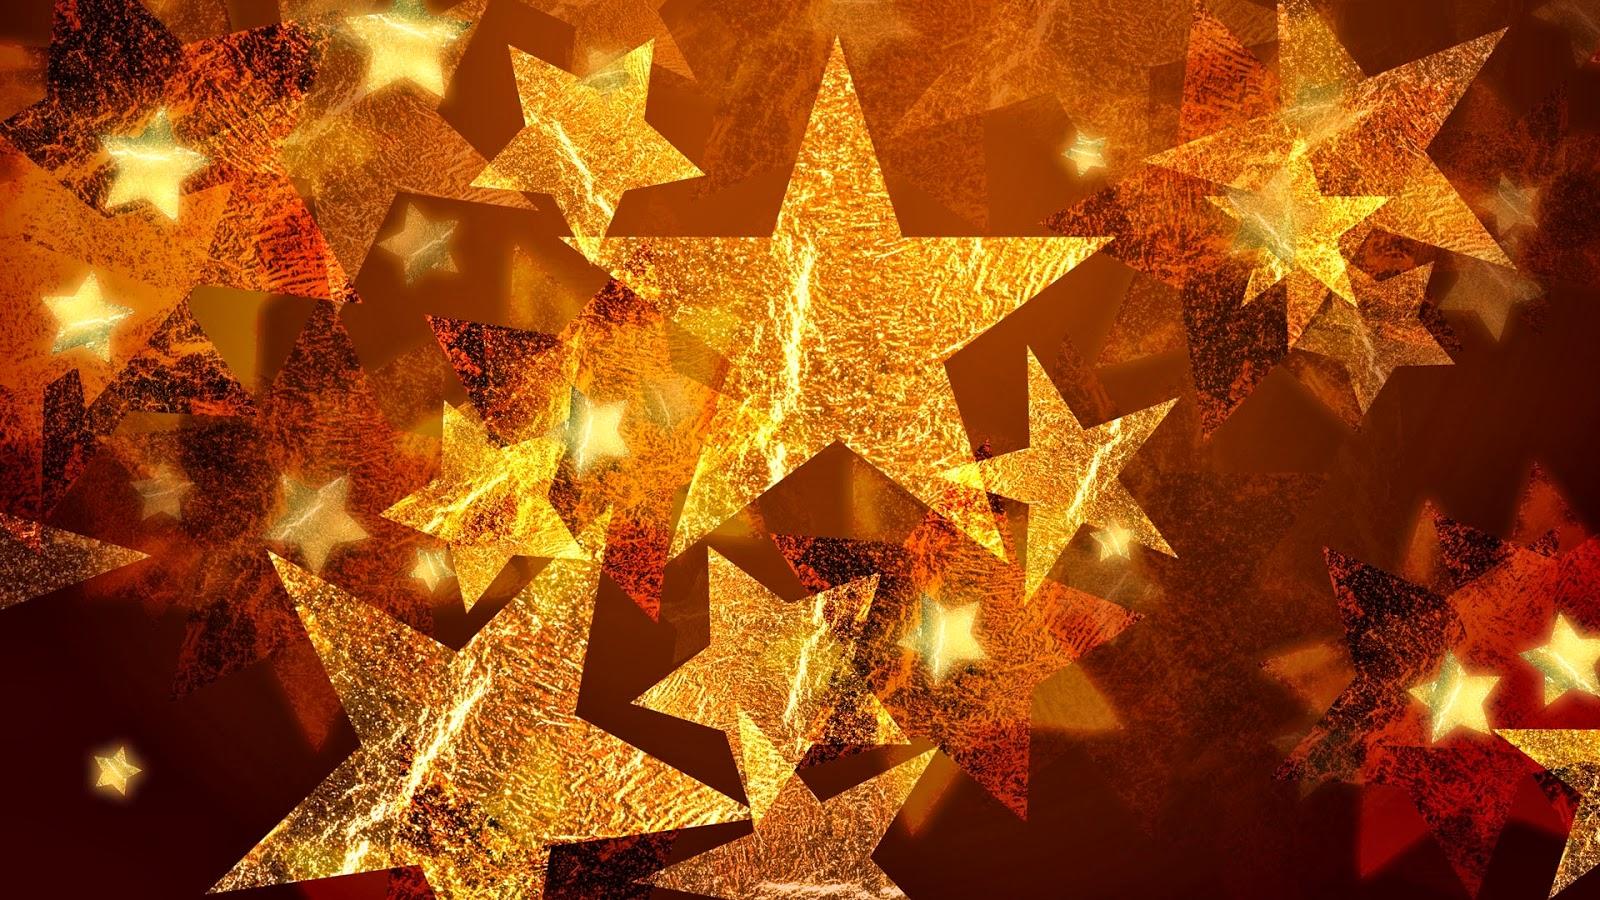 Fondo de pantalla navidad estrellas doradas fondo - Imagenes de corazones navidenos ...